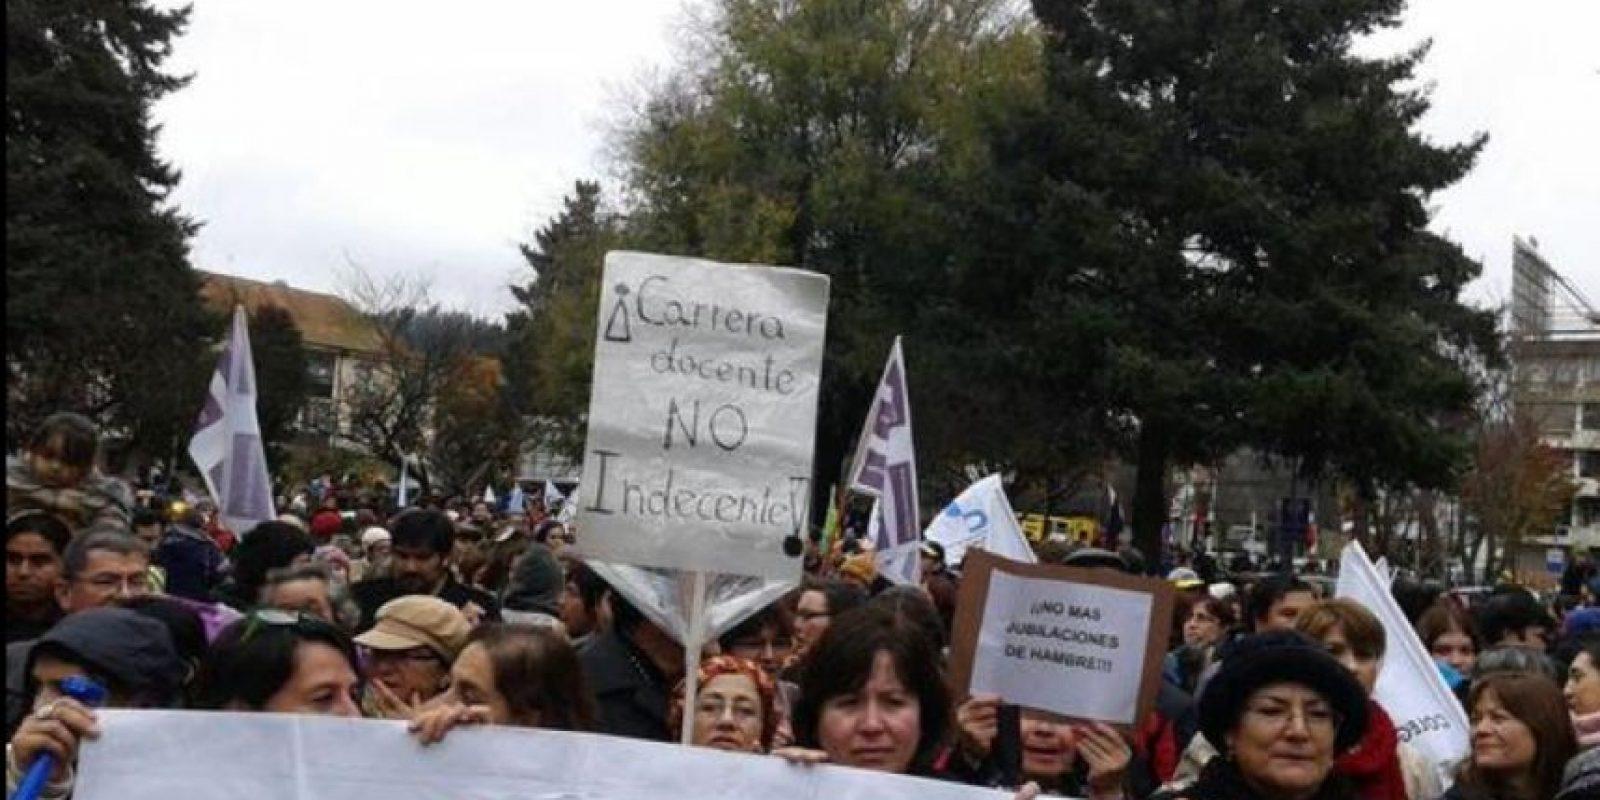 Esta protesta forma parte de actividades que durarán hasta el viernes. Foto:Vía Twitter @ruben_munoz